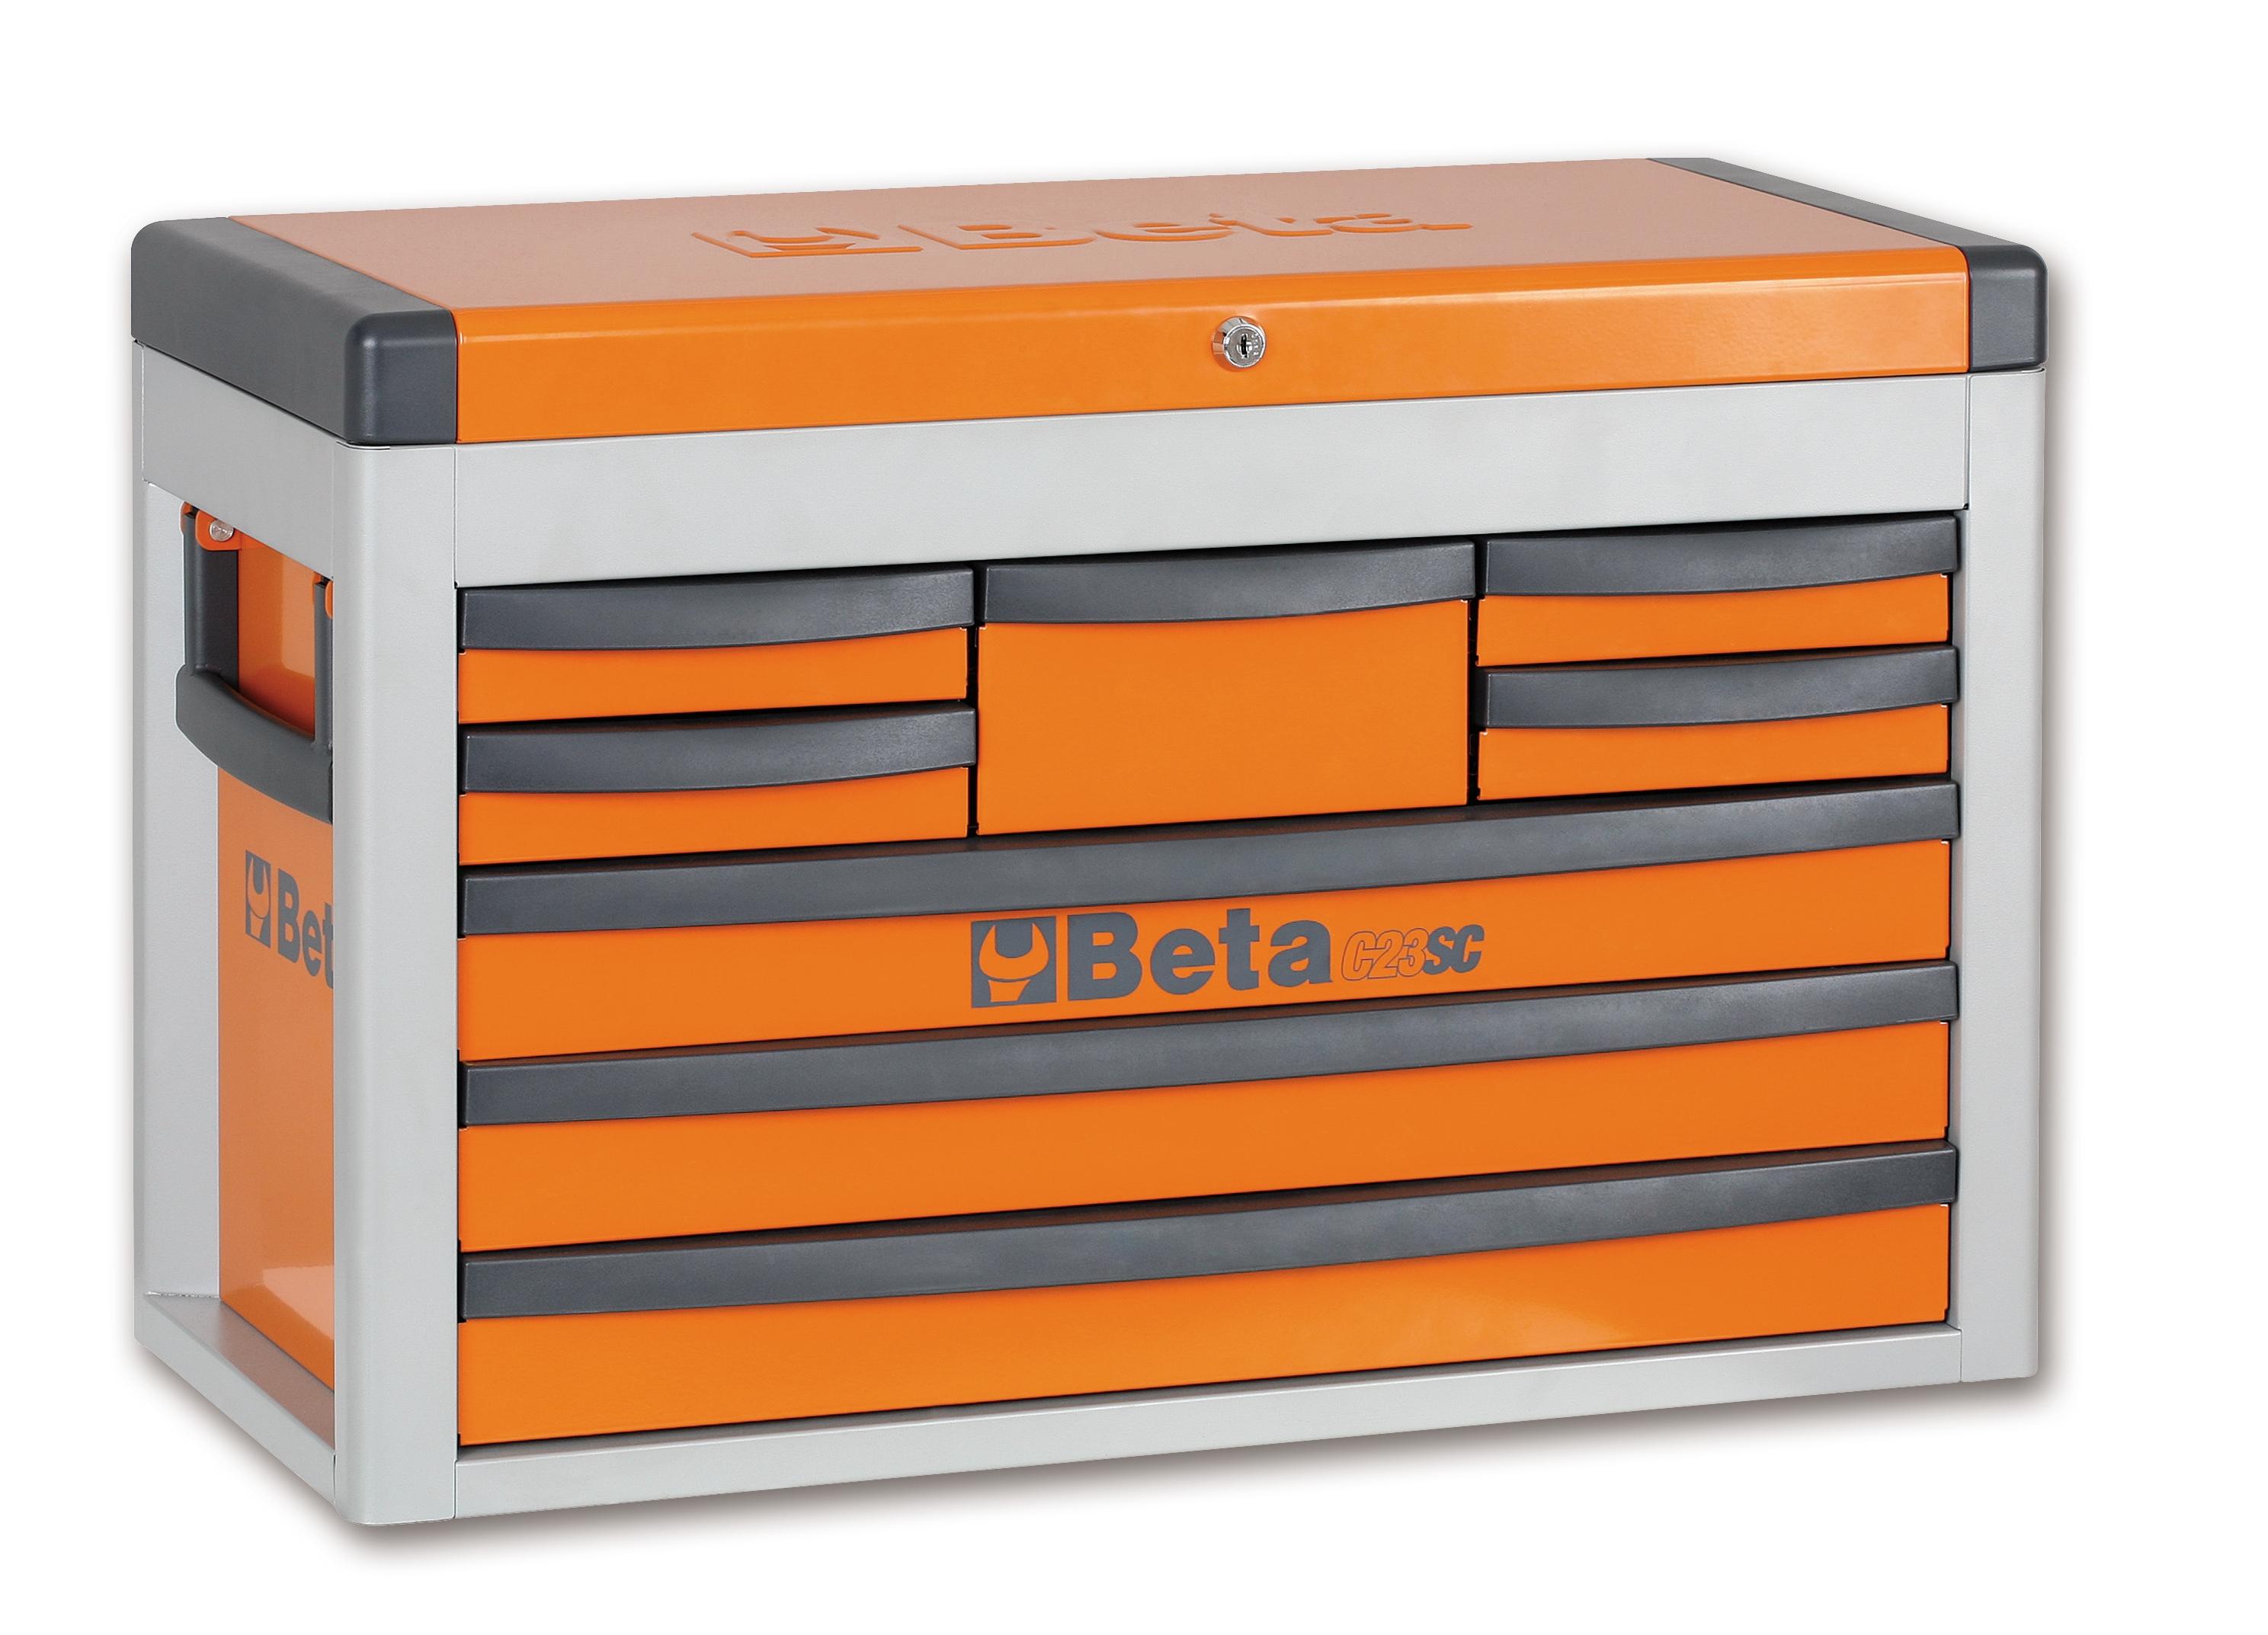 Cassettiere C23SC - 2300SC - BETA Utensili